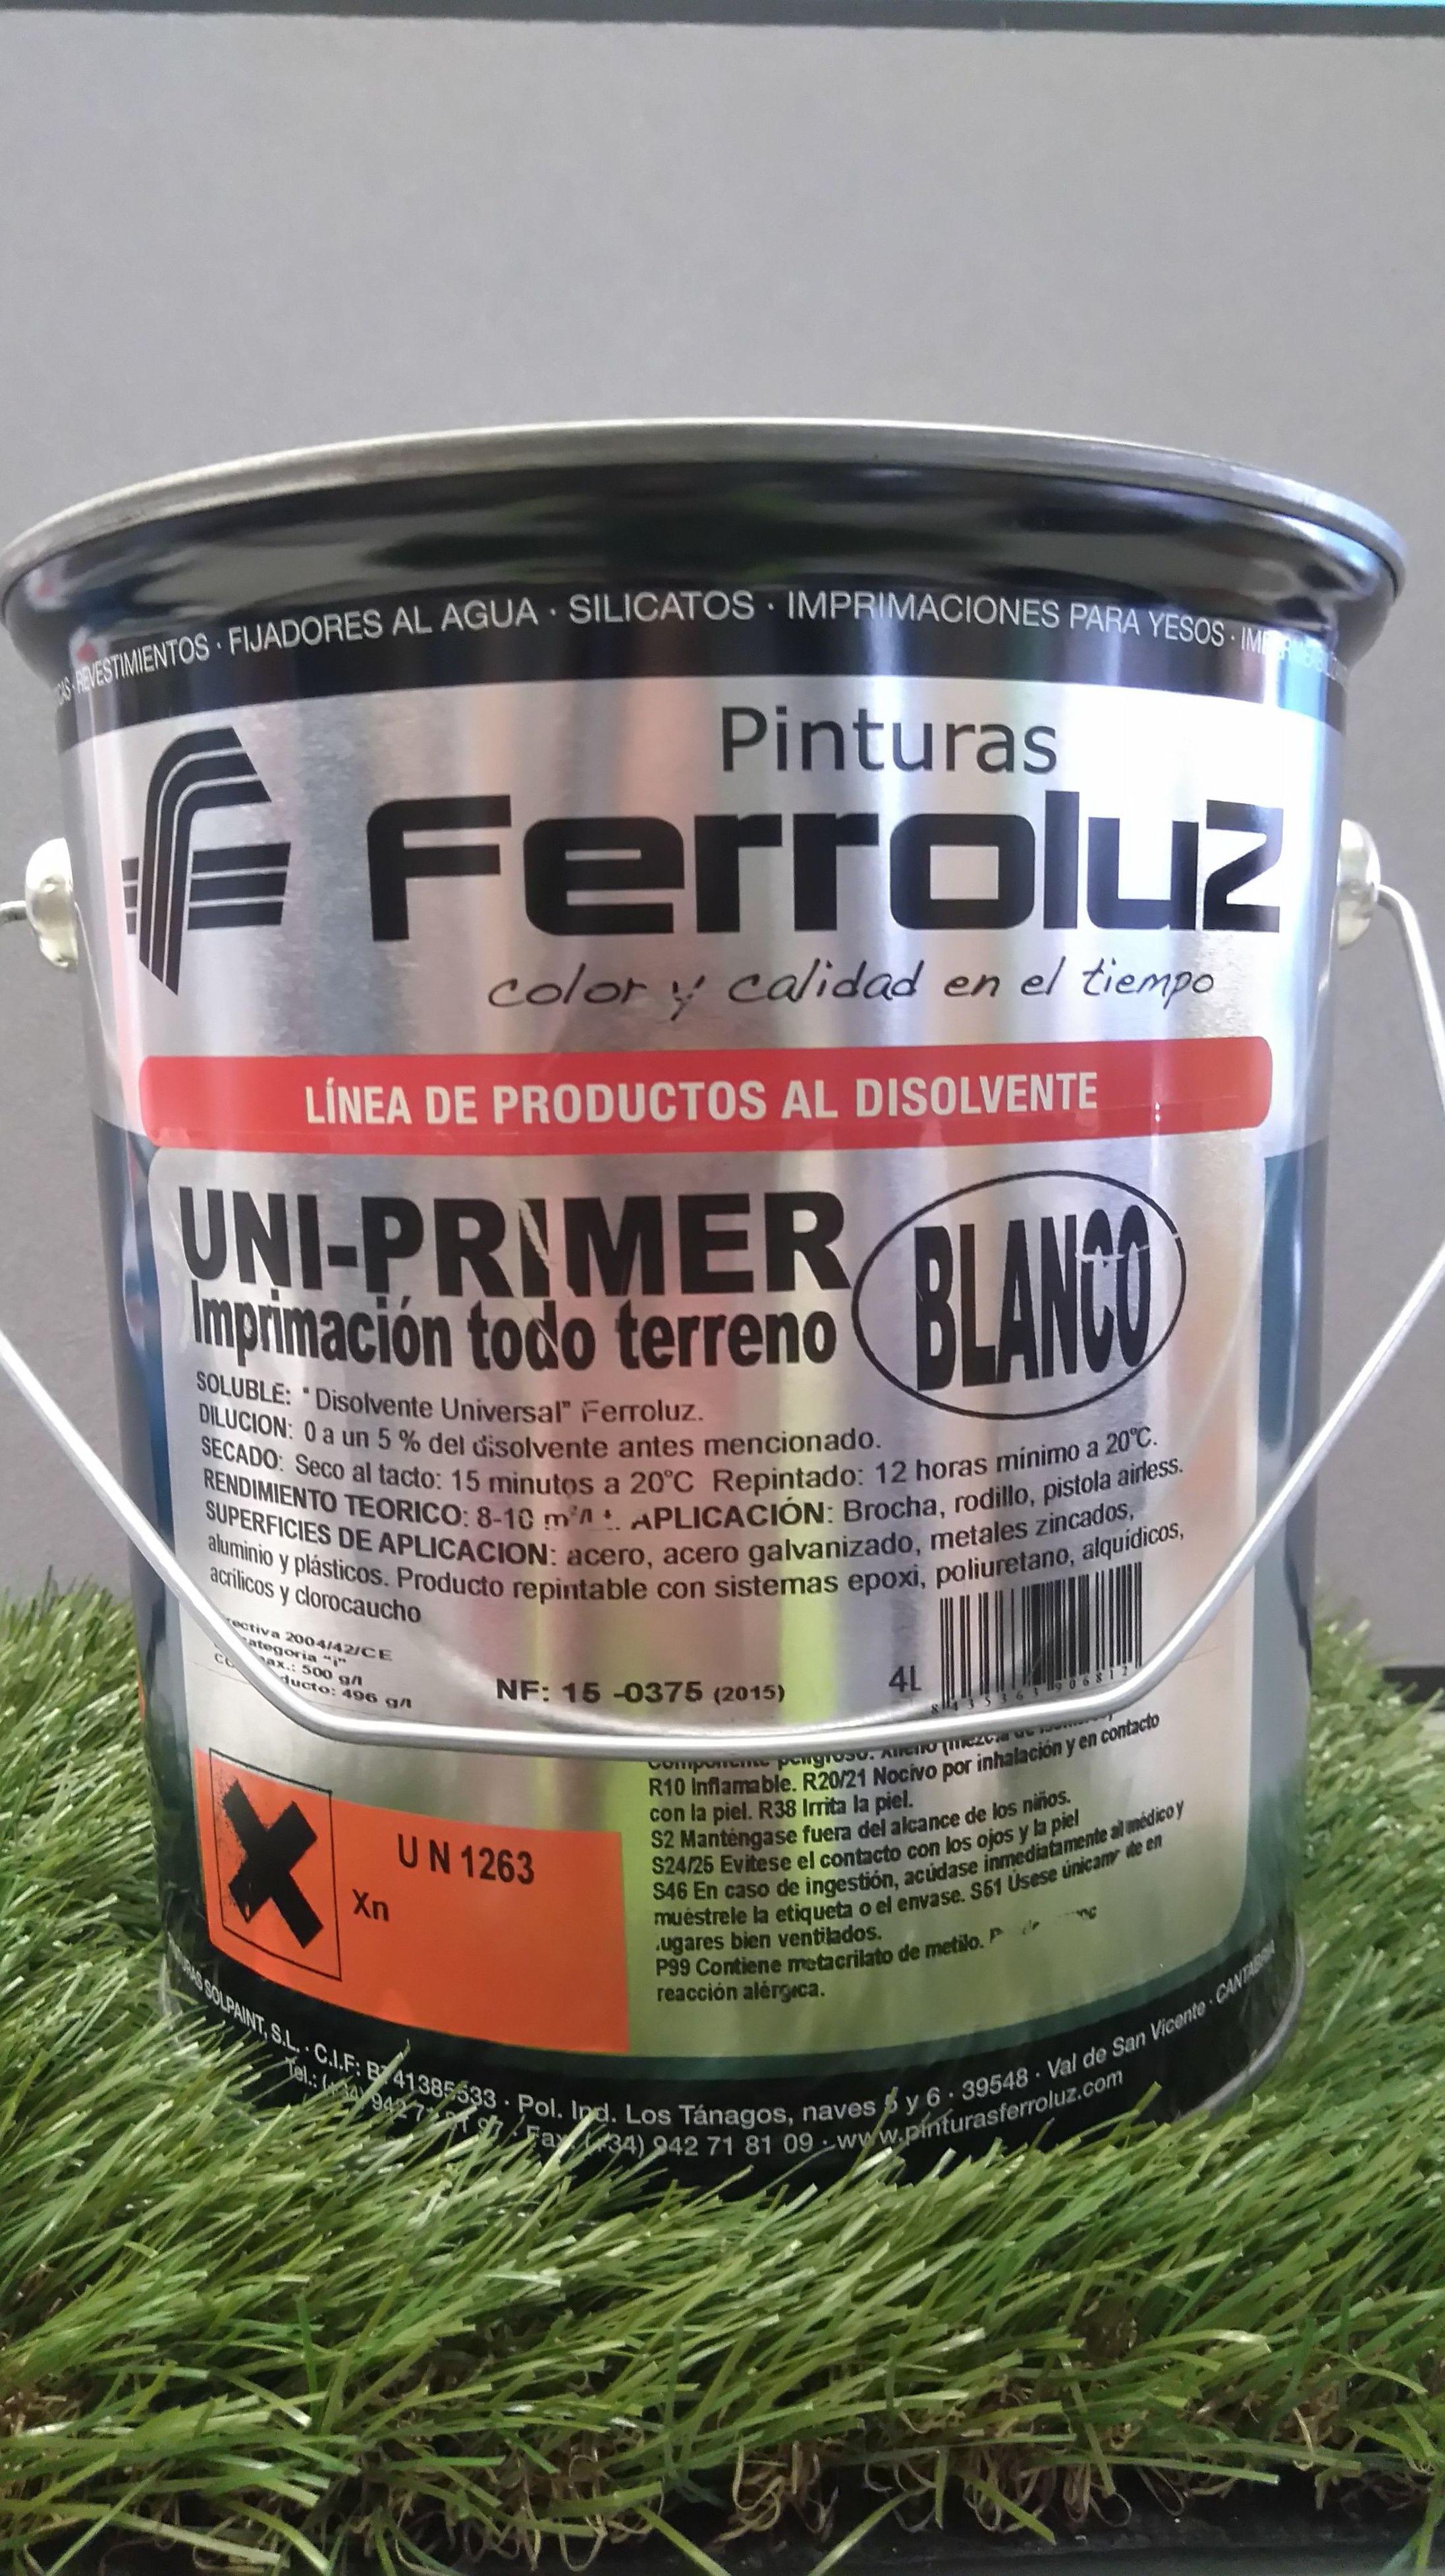 Imprimació mulitús FERROLUZ al disolvent UNIPRIMER: Pinturas y Complementos de Sa&Vi